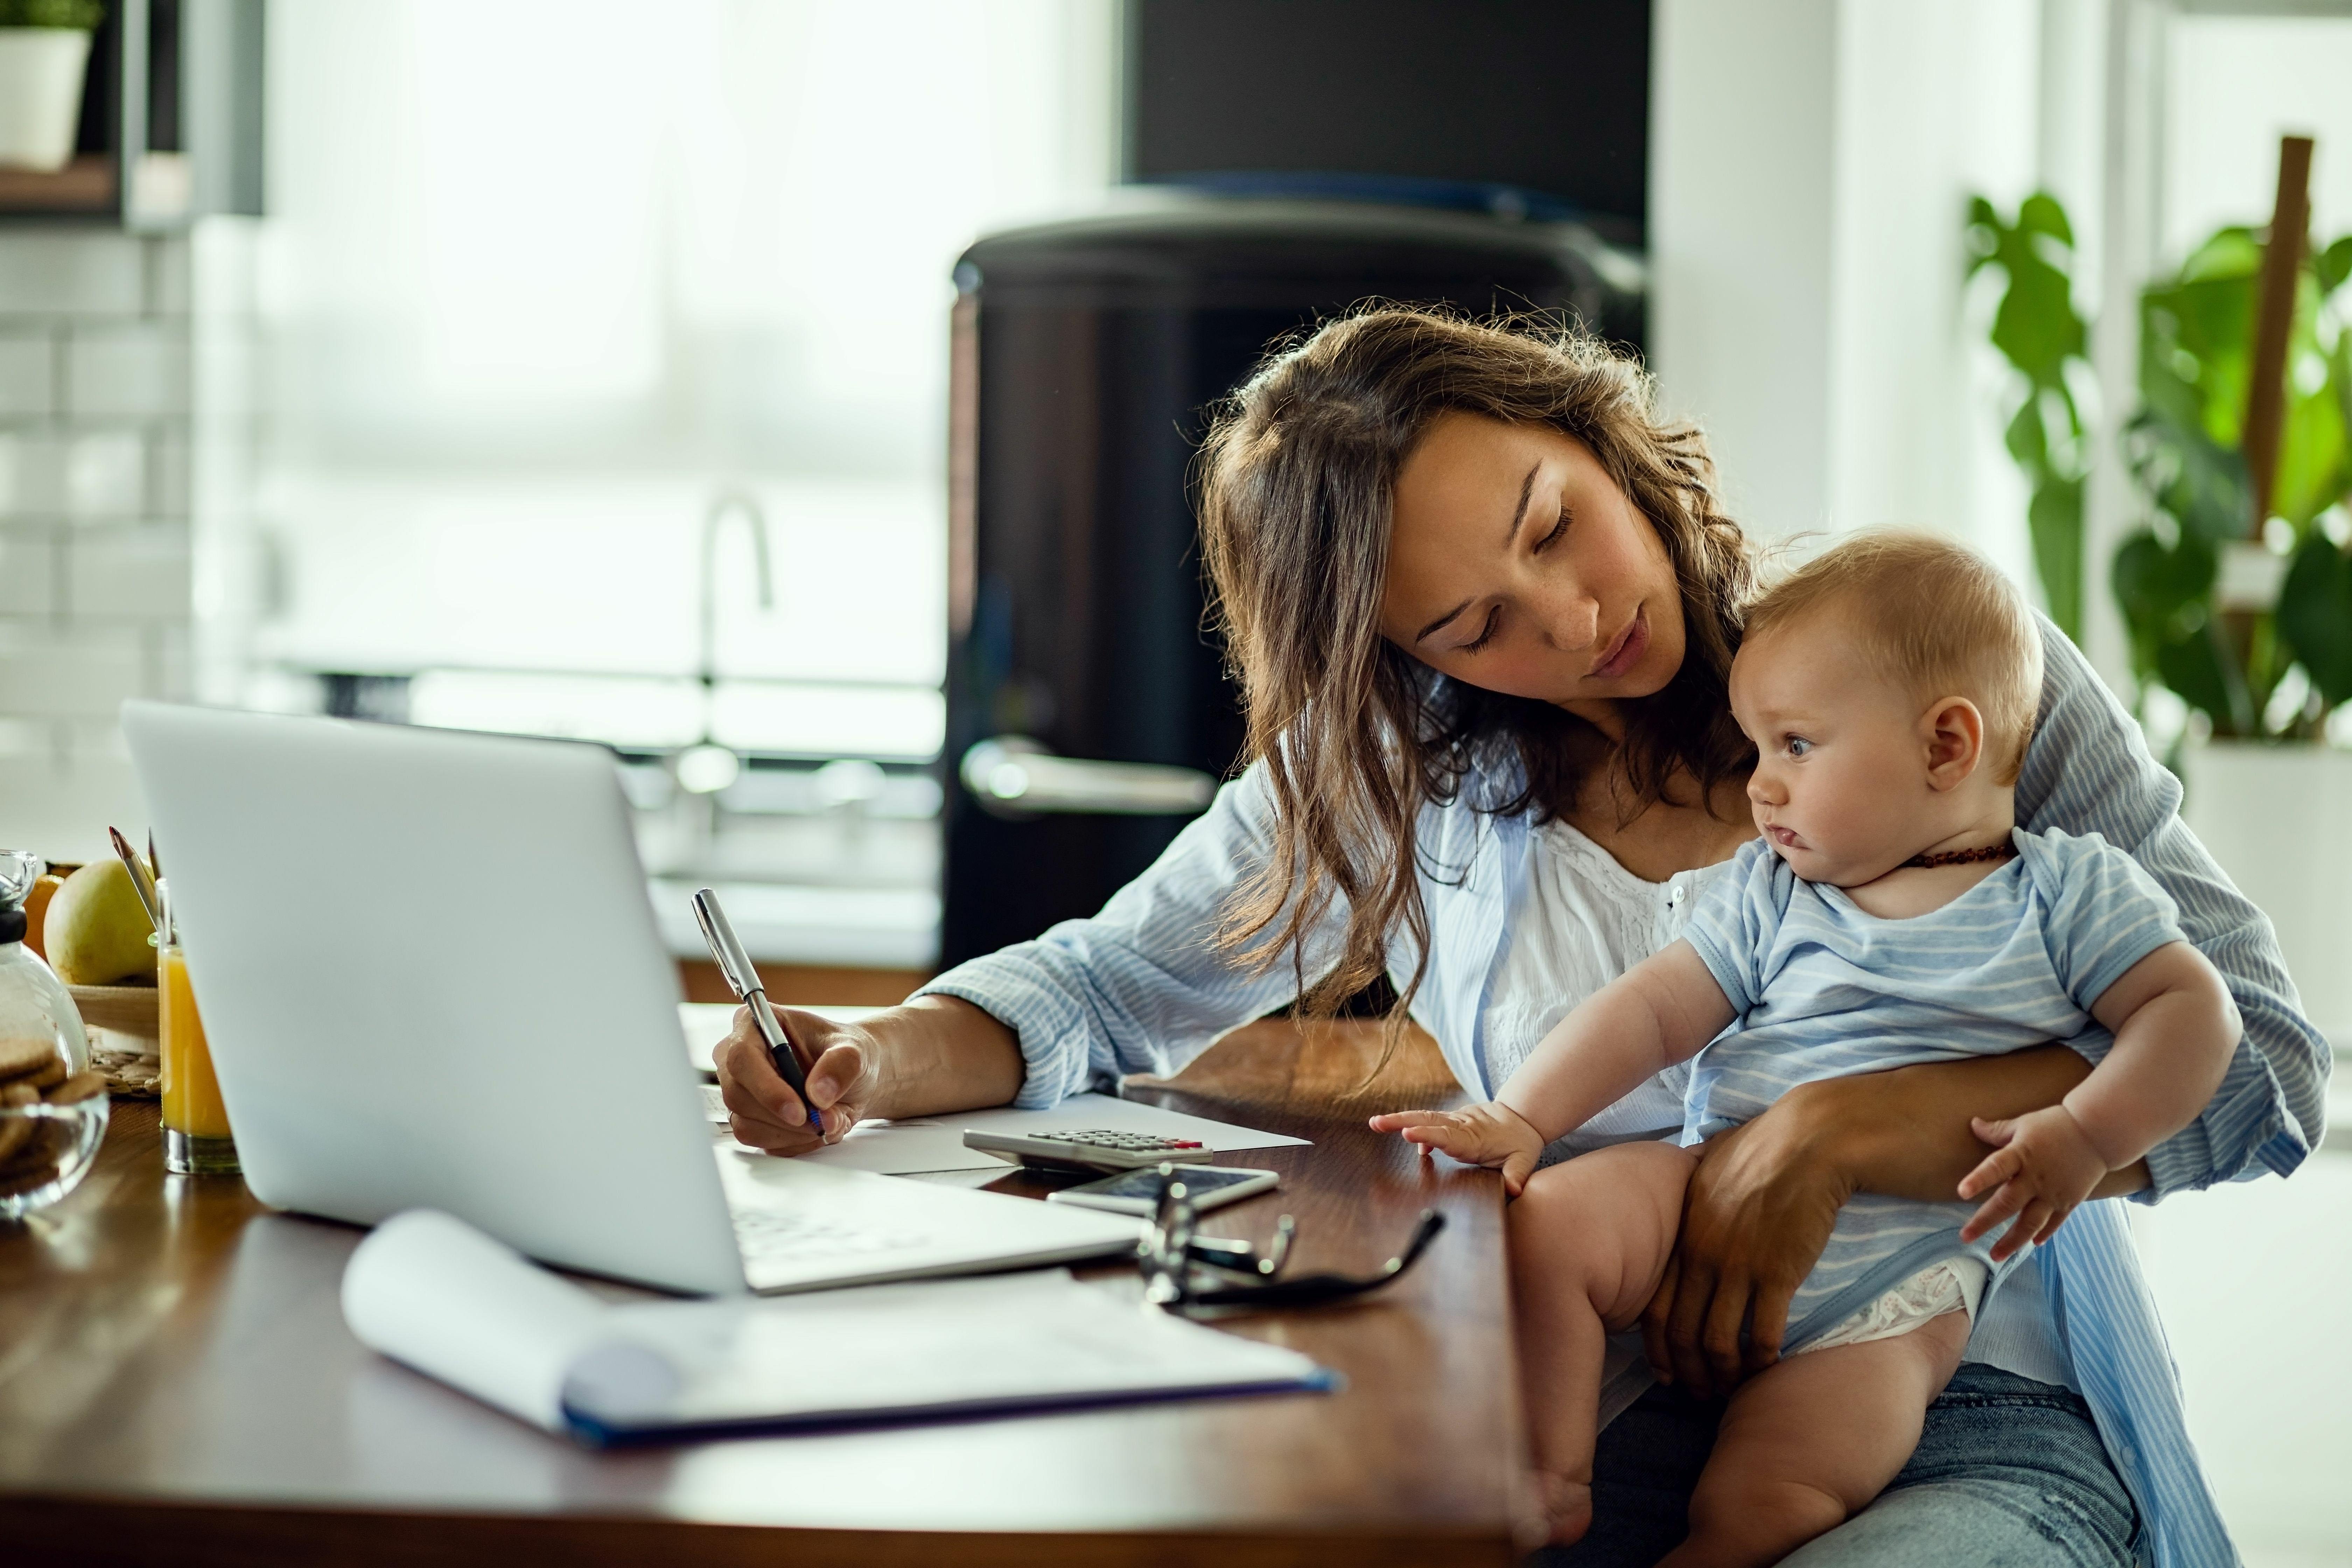 Kurier Jobinitiative Chancen 2020 -   Familienfreundlich und Flexibel